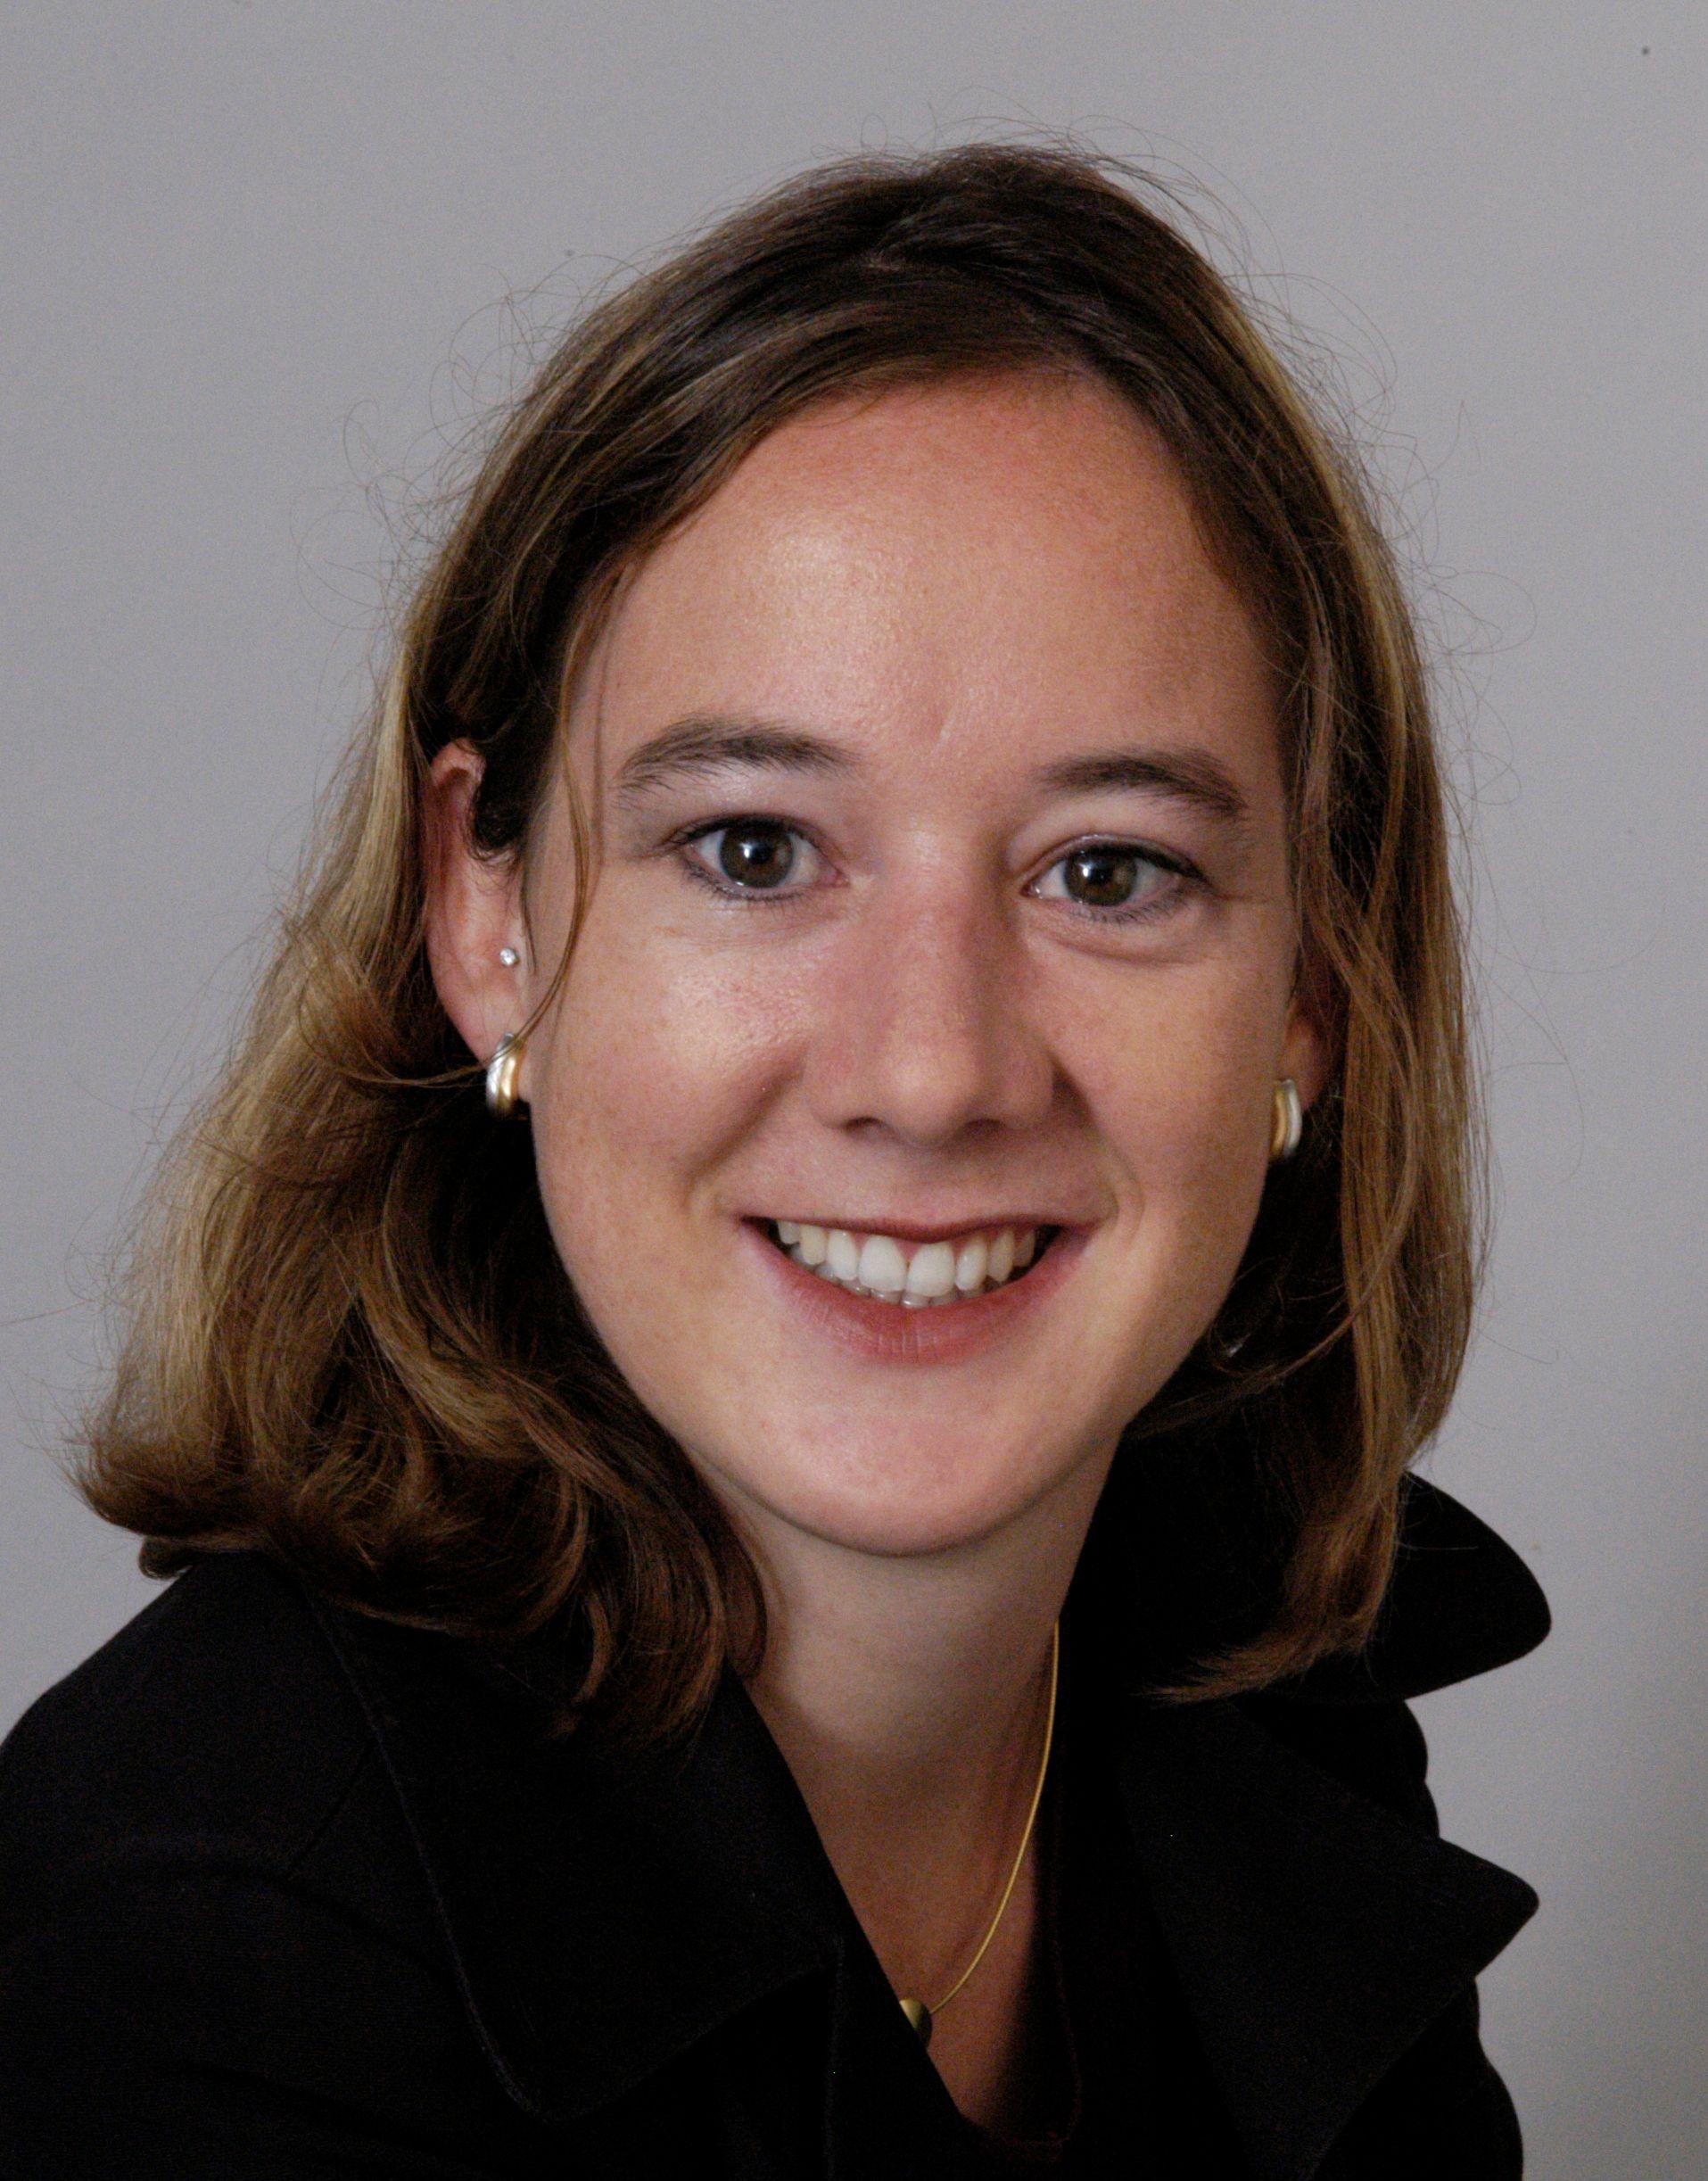 Portrait of Lucia Würsch